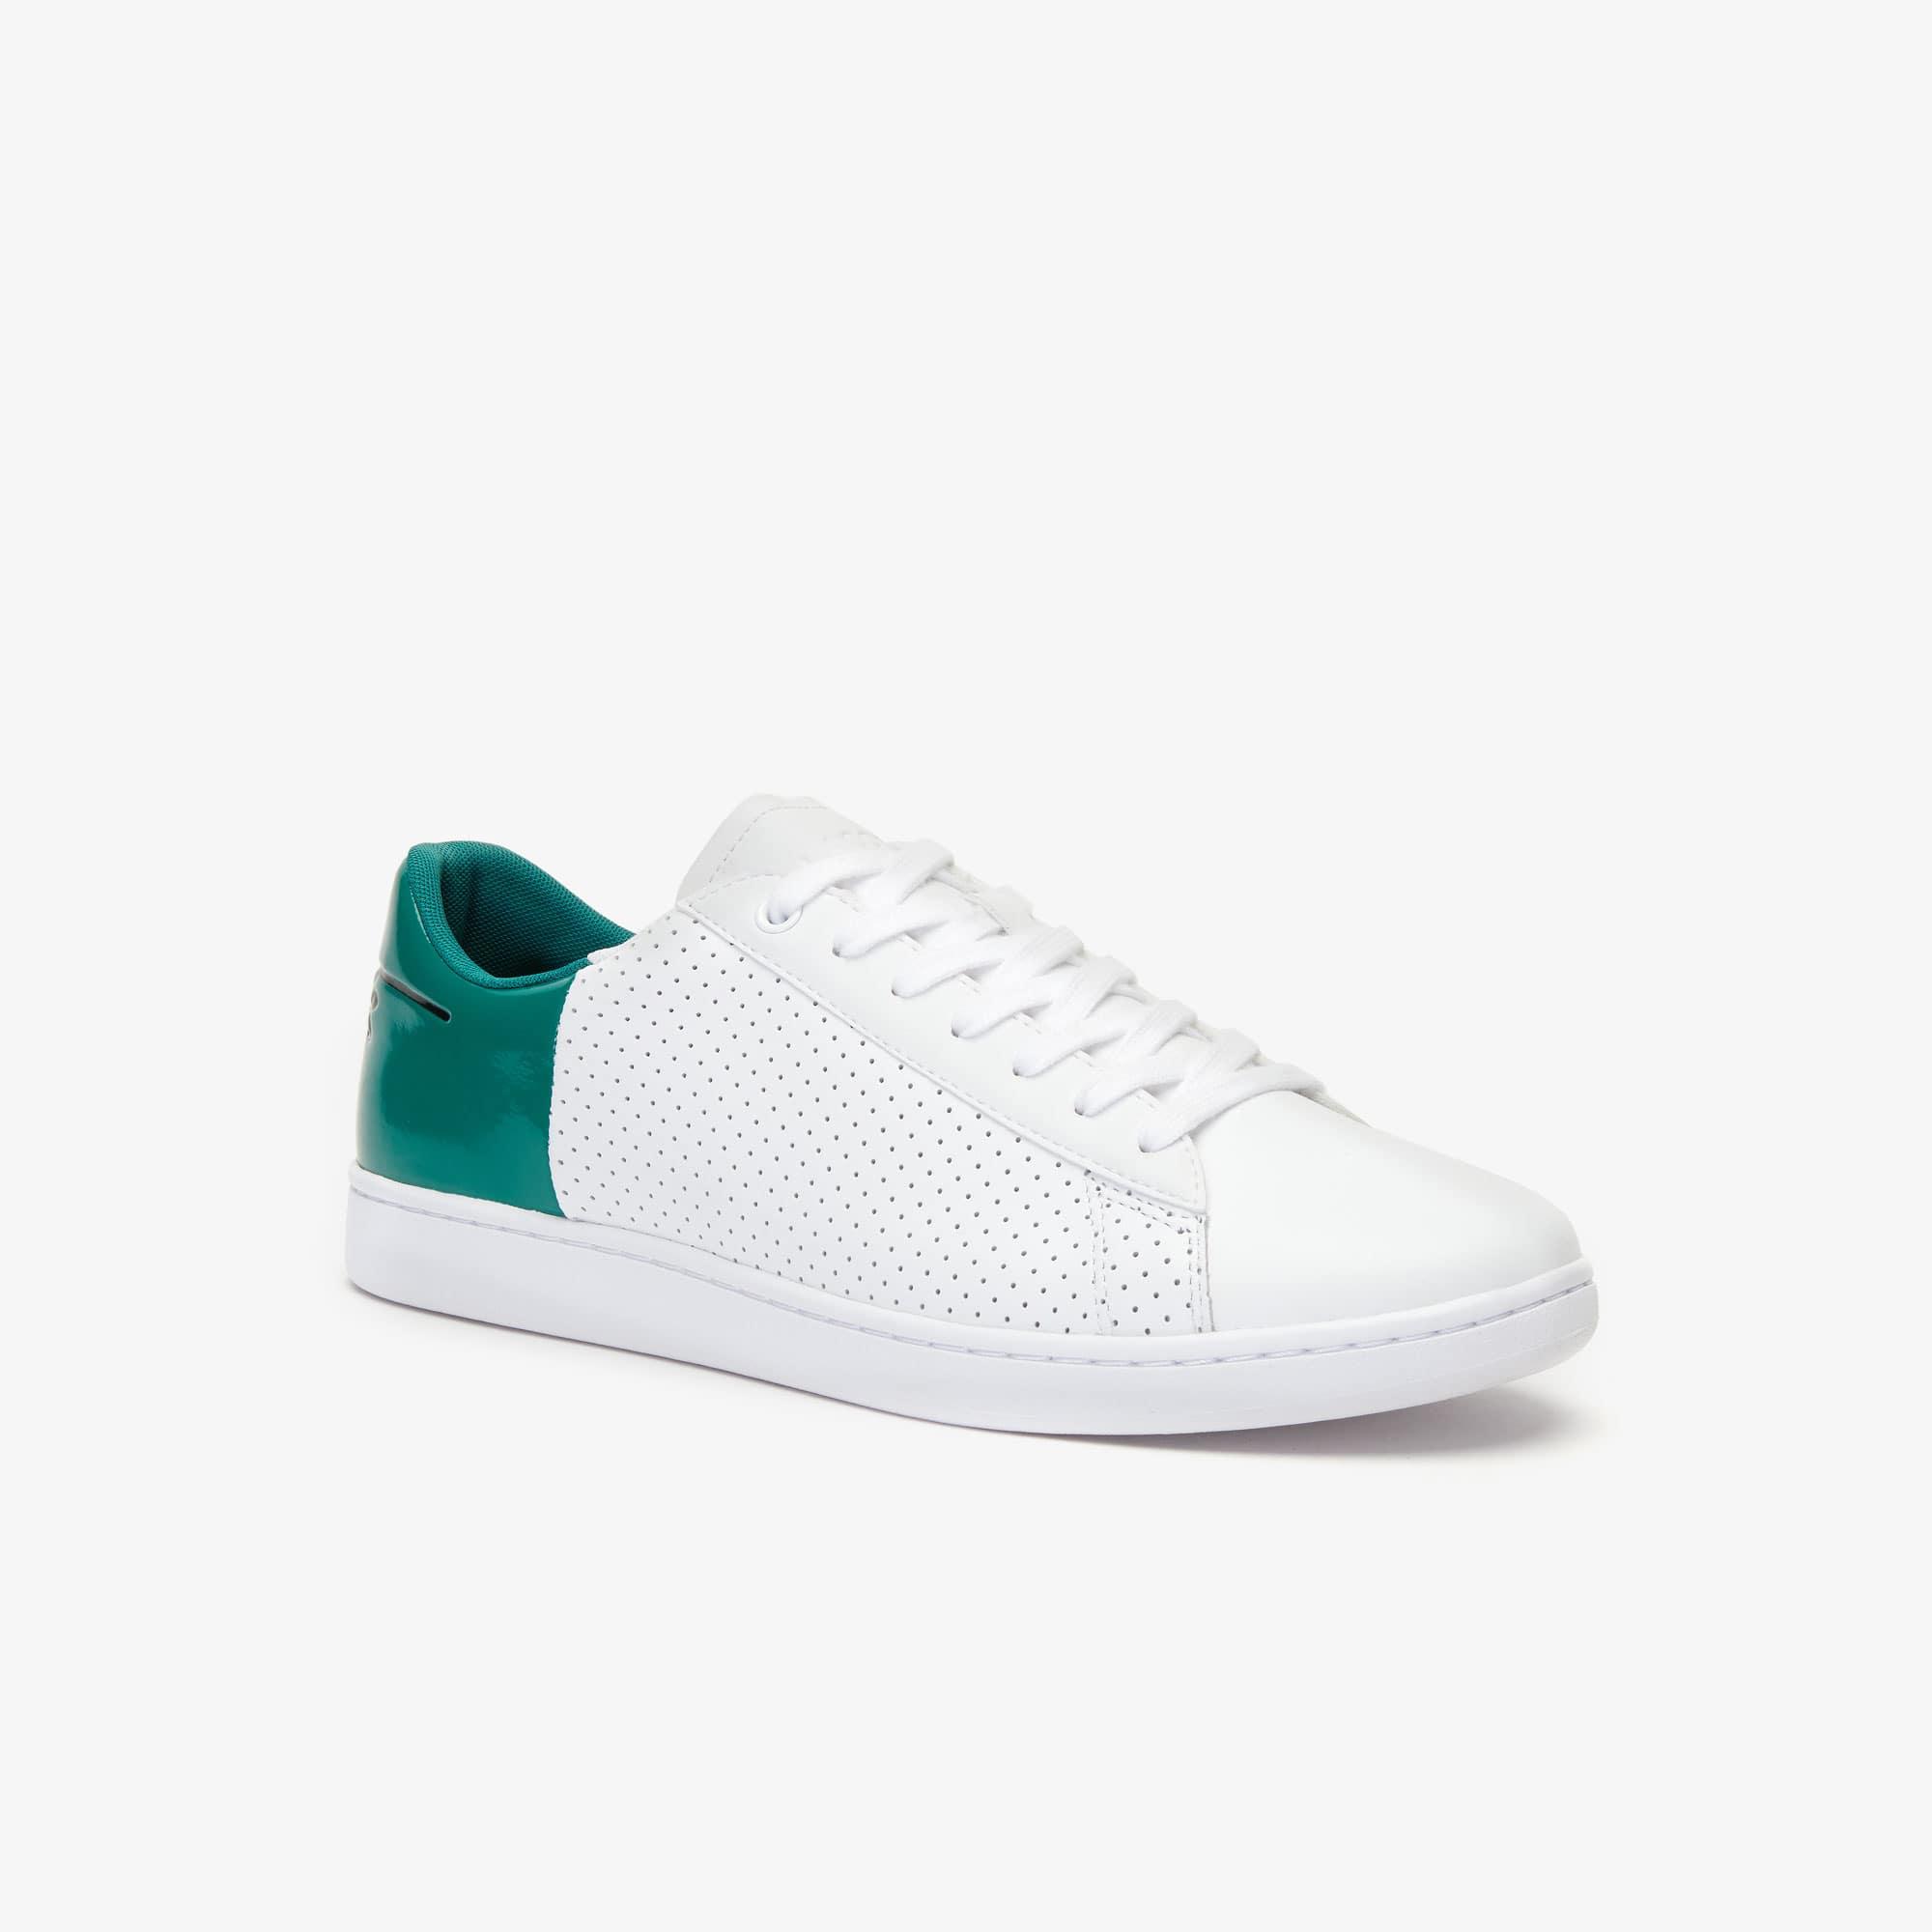 2ad00693e0 Men's Shoes | Shoes for Men | LACOSTE